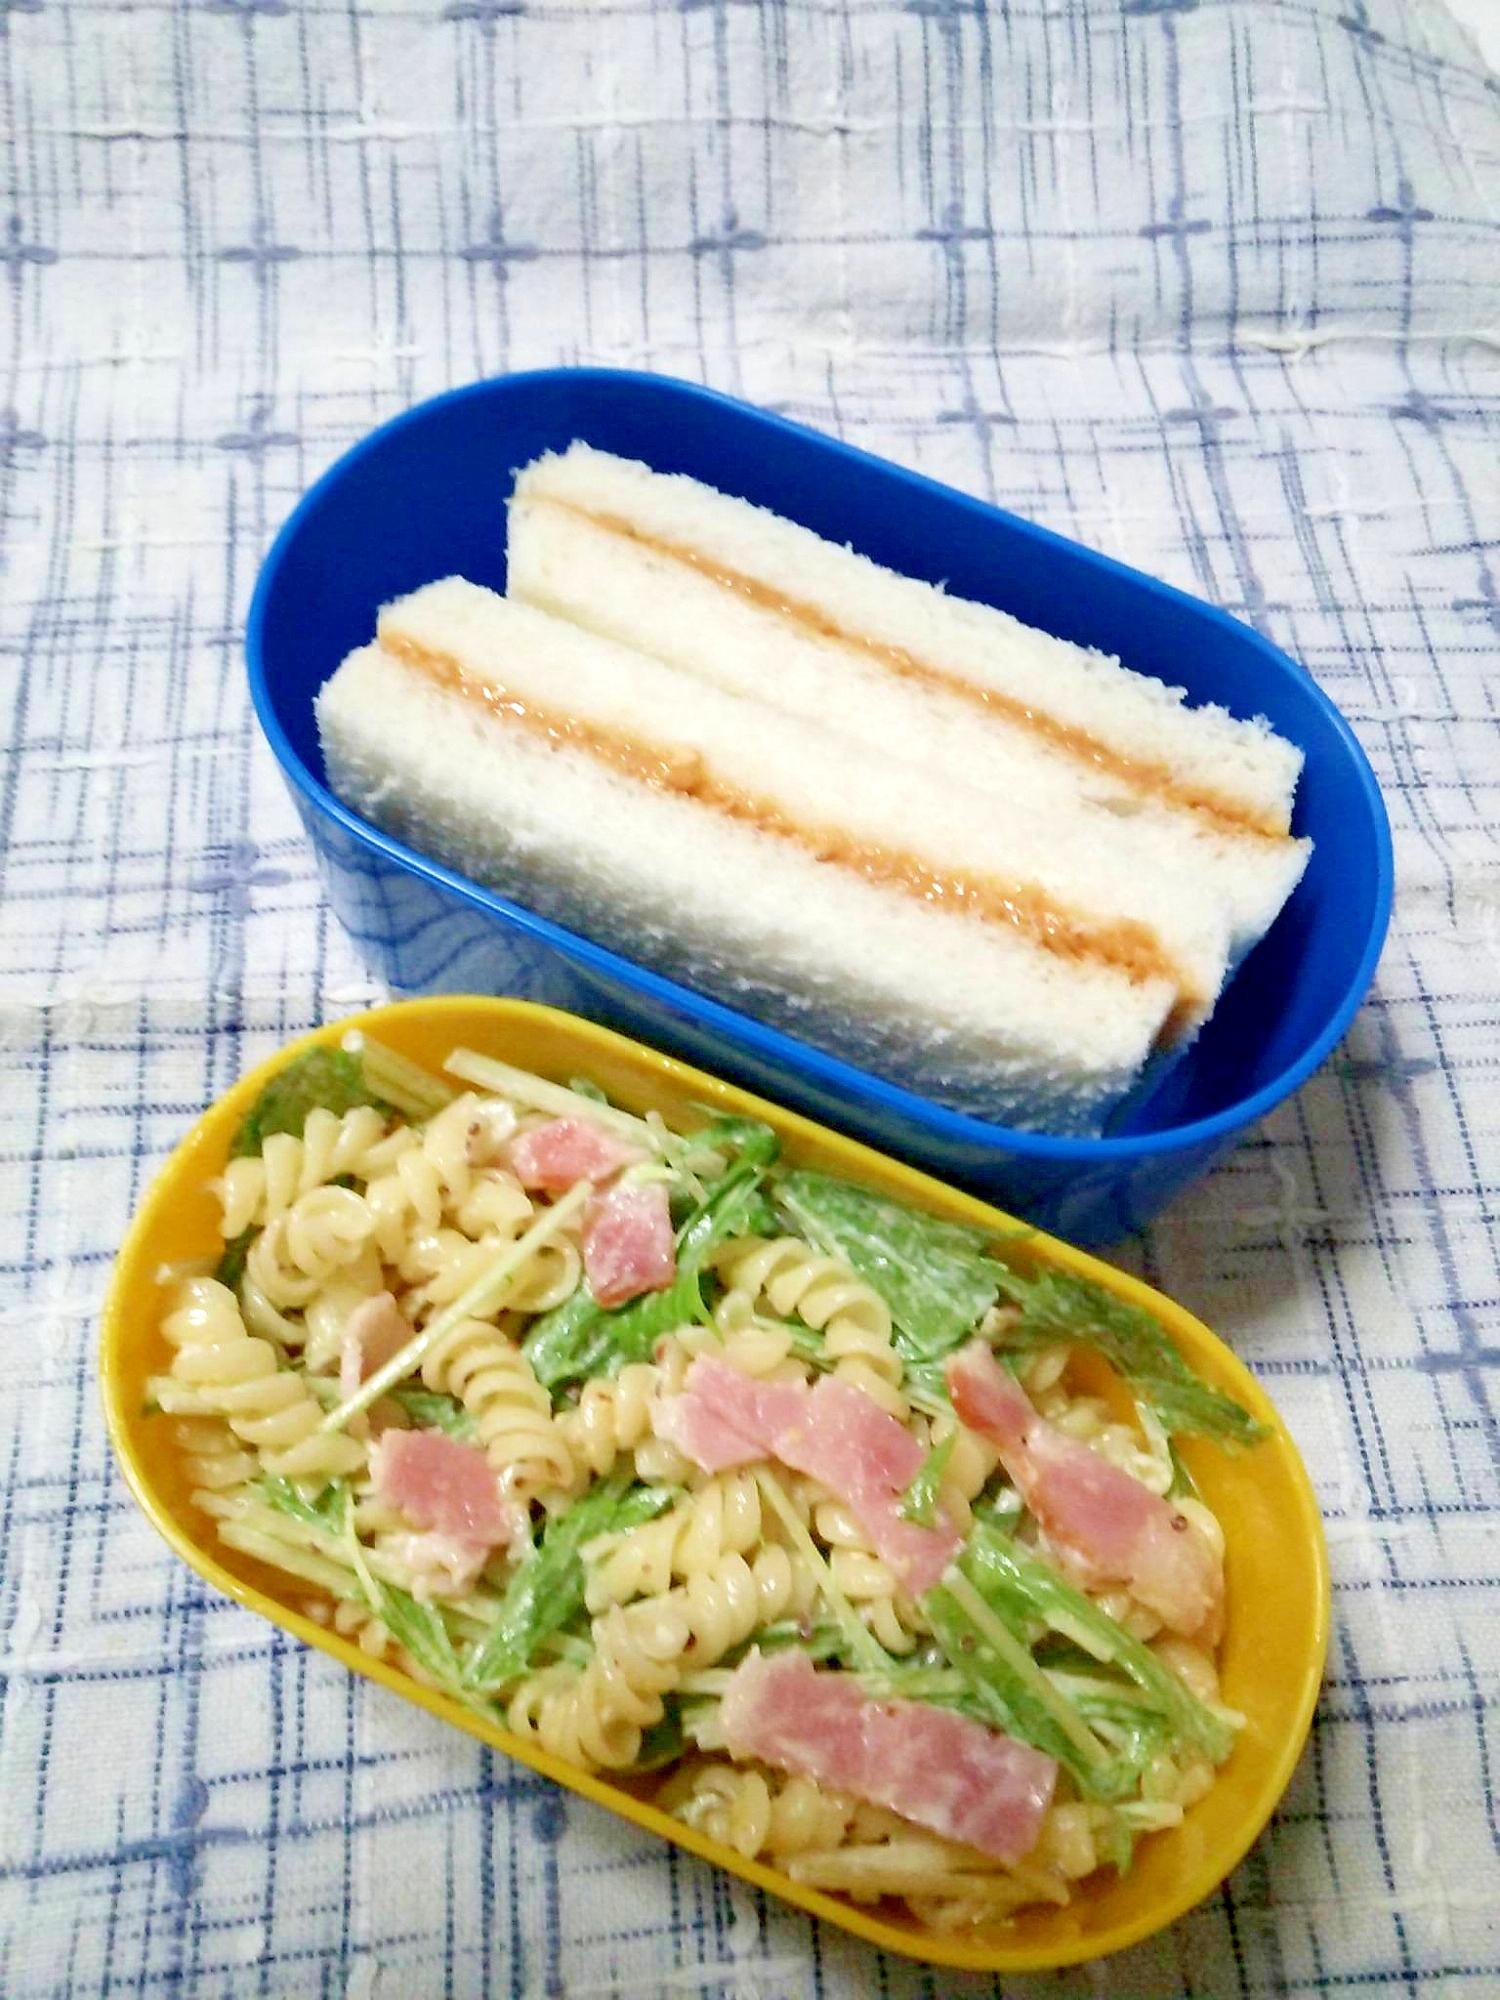 ☆マカロニサラダ&ピーナッツサンド弁当☆